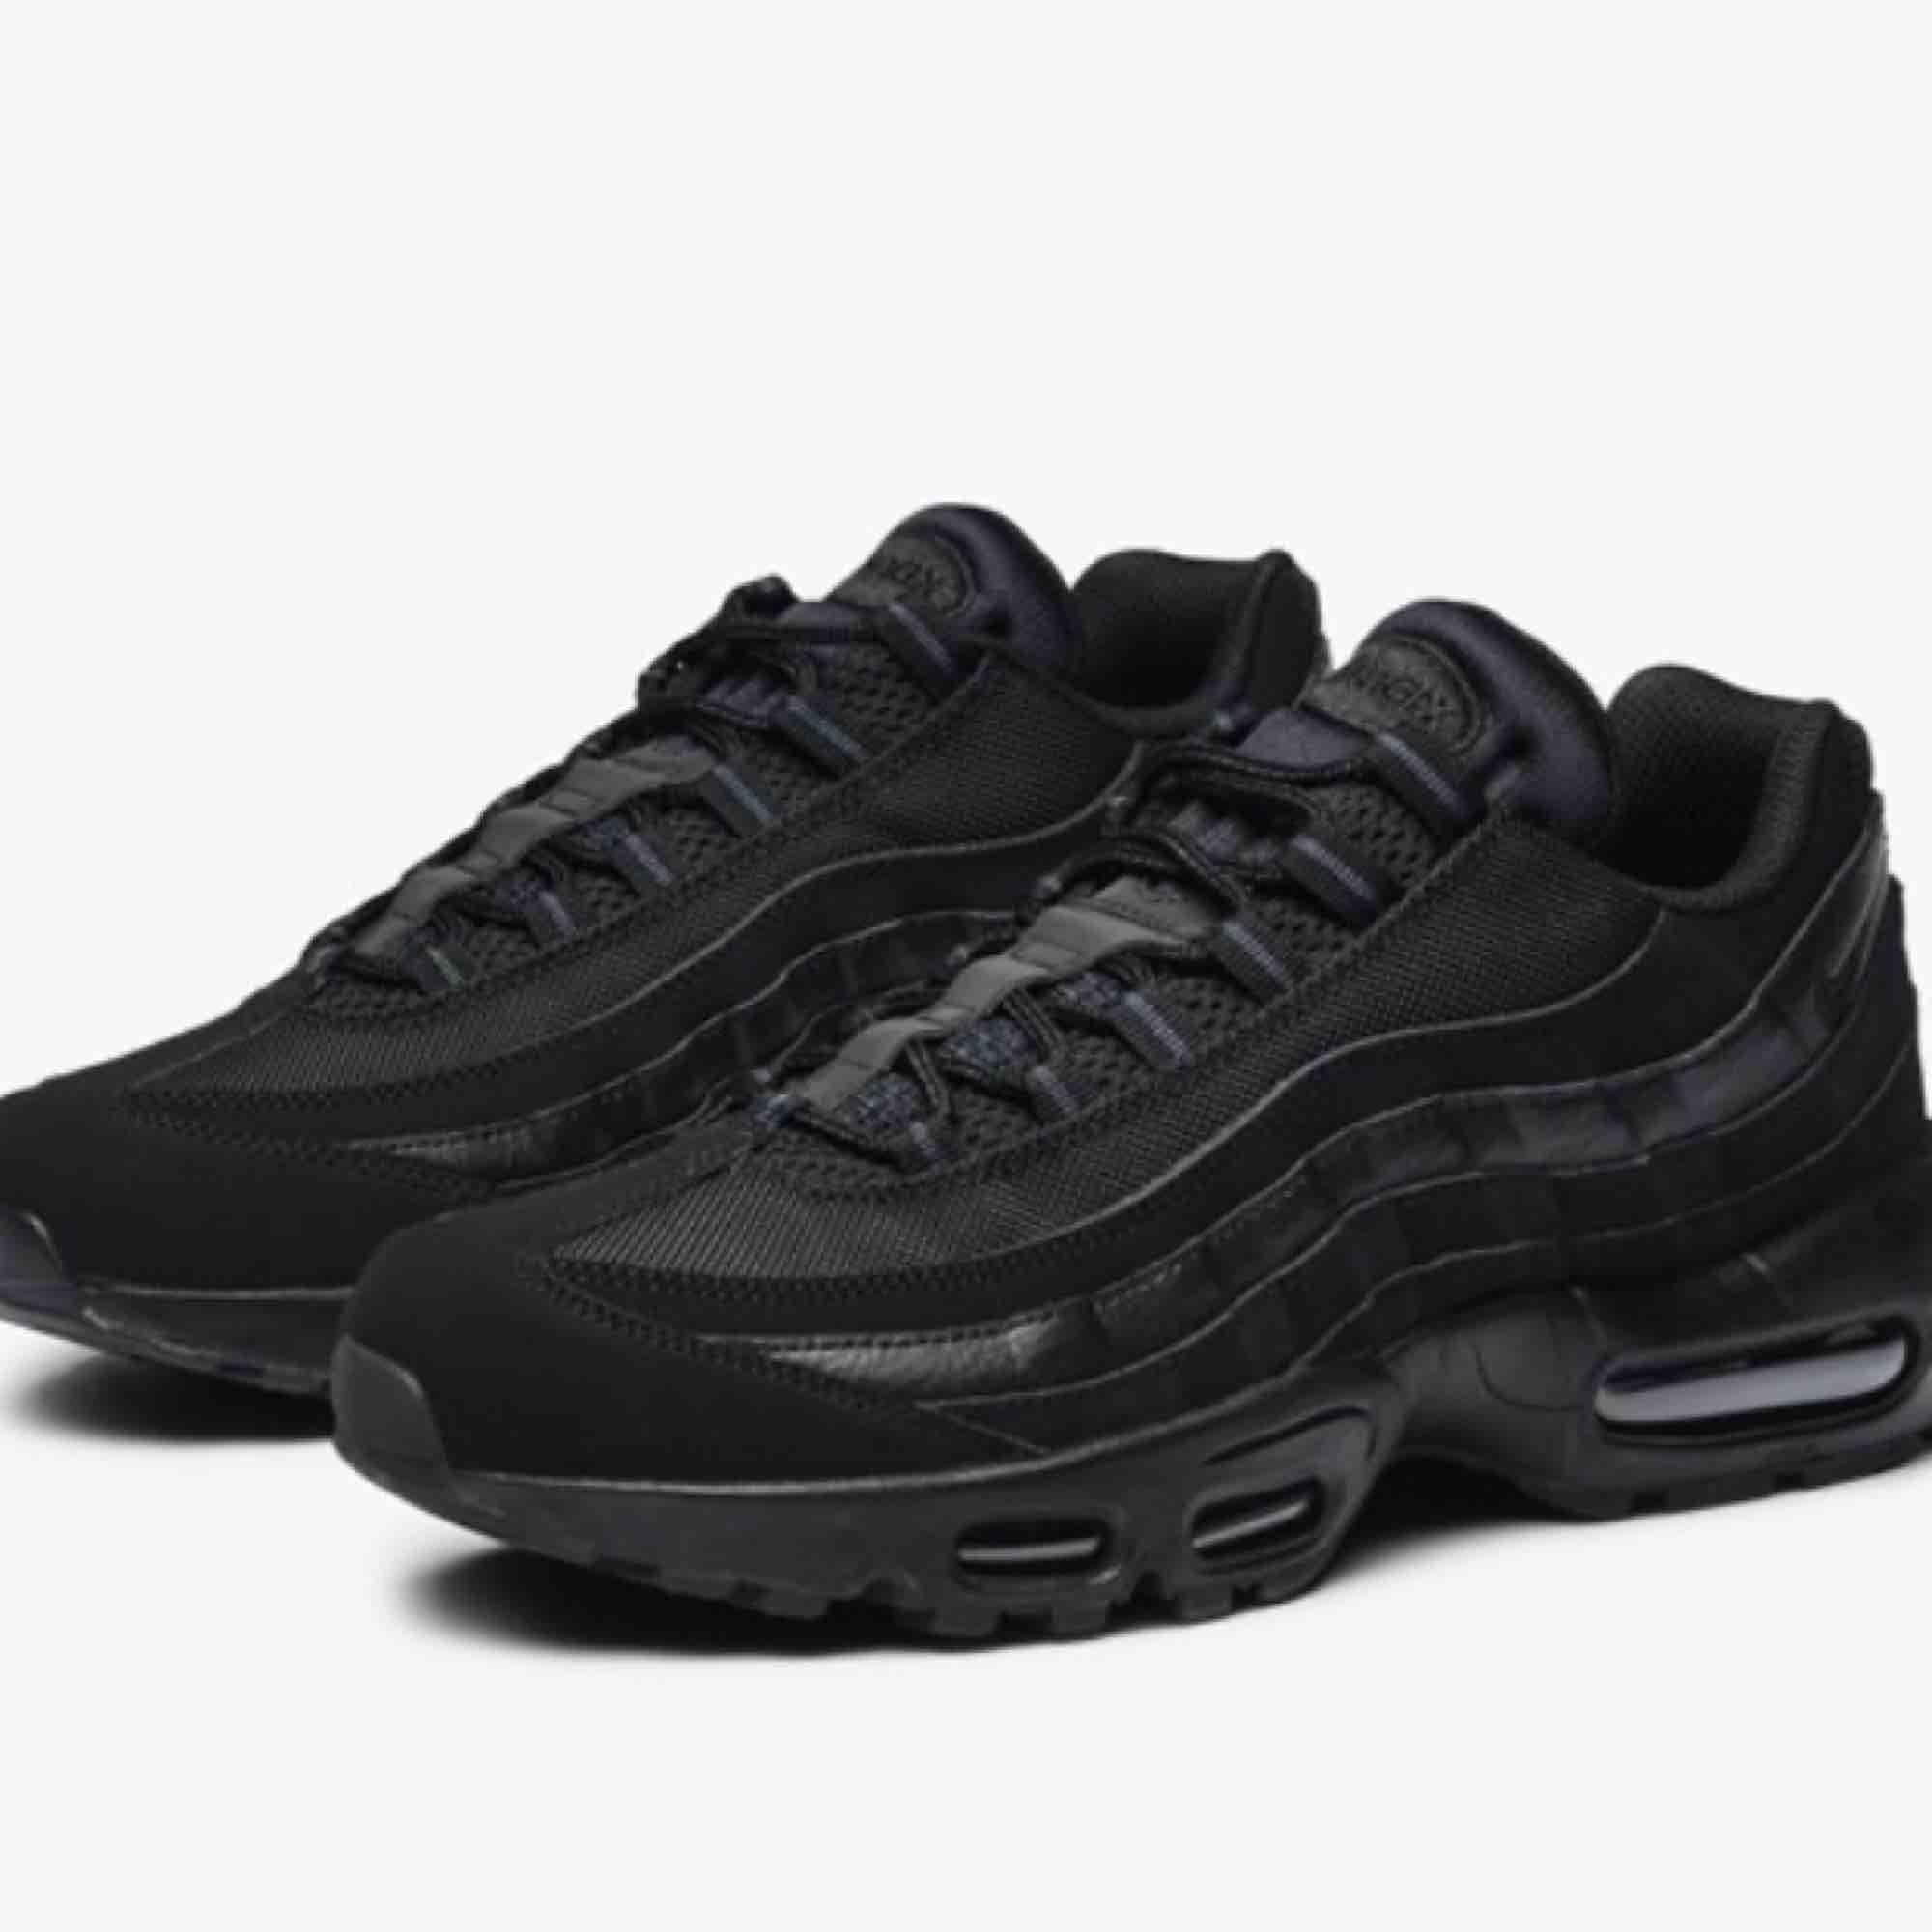 Svarta Nike airforce 95 med reflex detaljer. Dessa skorna köpte jag i slutet av förra året och har inte använt dom så mycket. Dom kan ha några få små märken men inte något som syns direkt. Priset kan diskuteras:) . Skor.